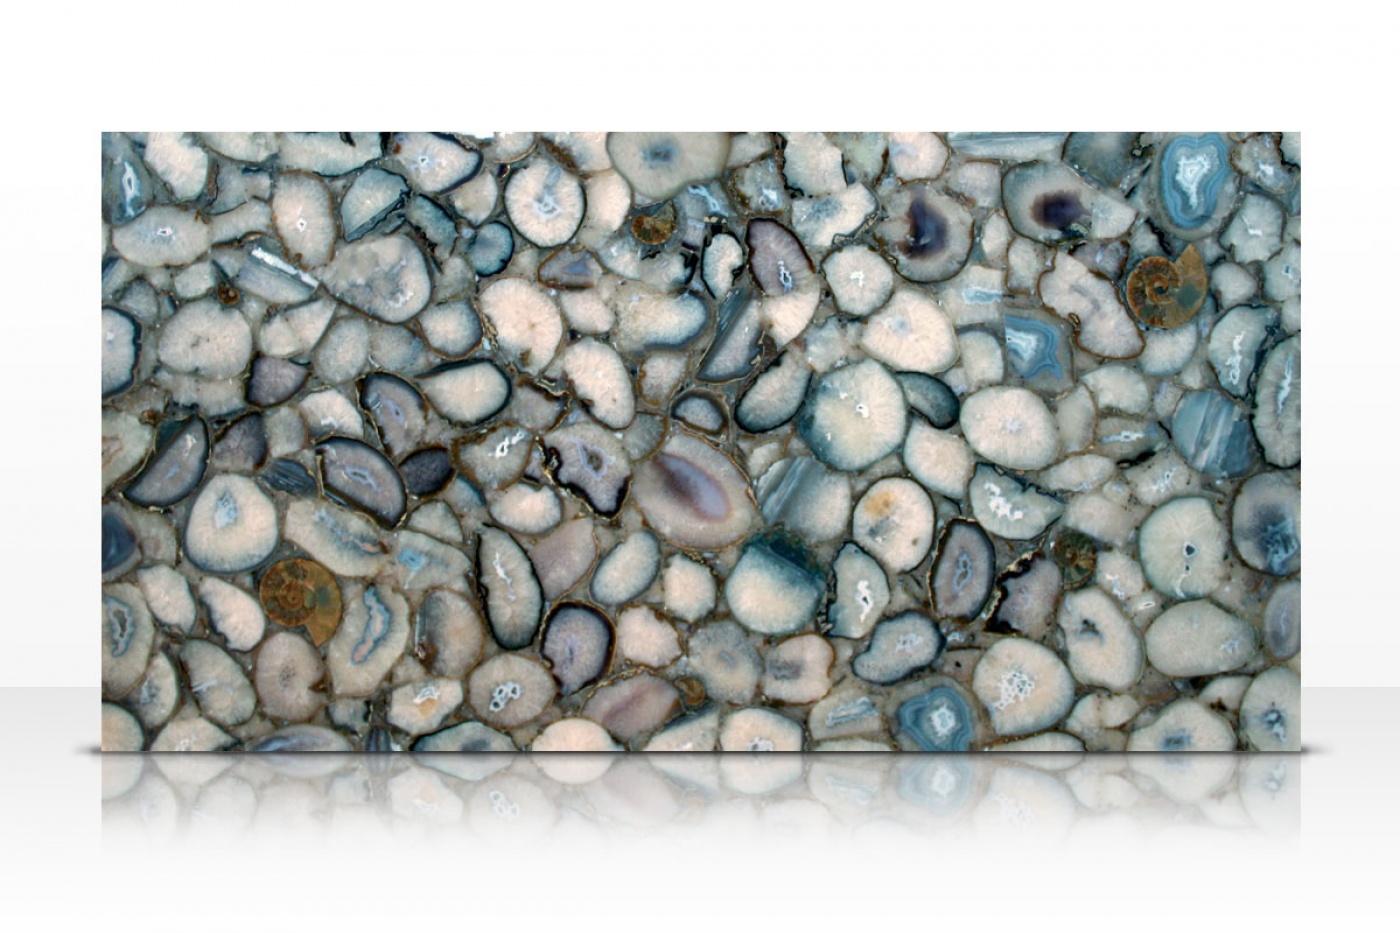 Semi-précieux Crystal Agate slab